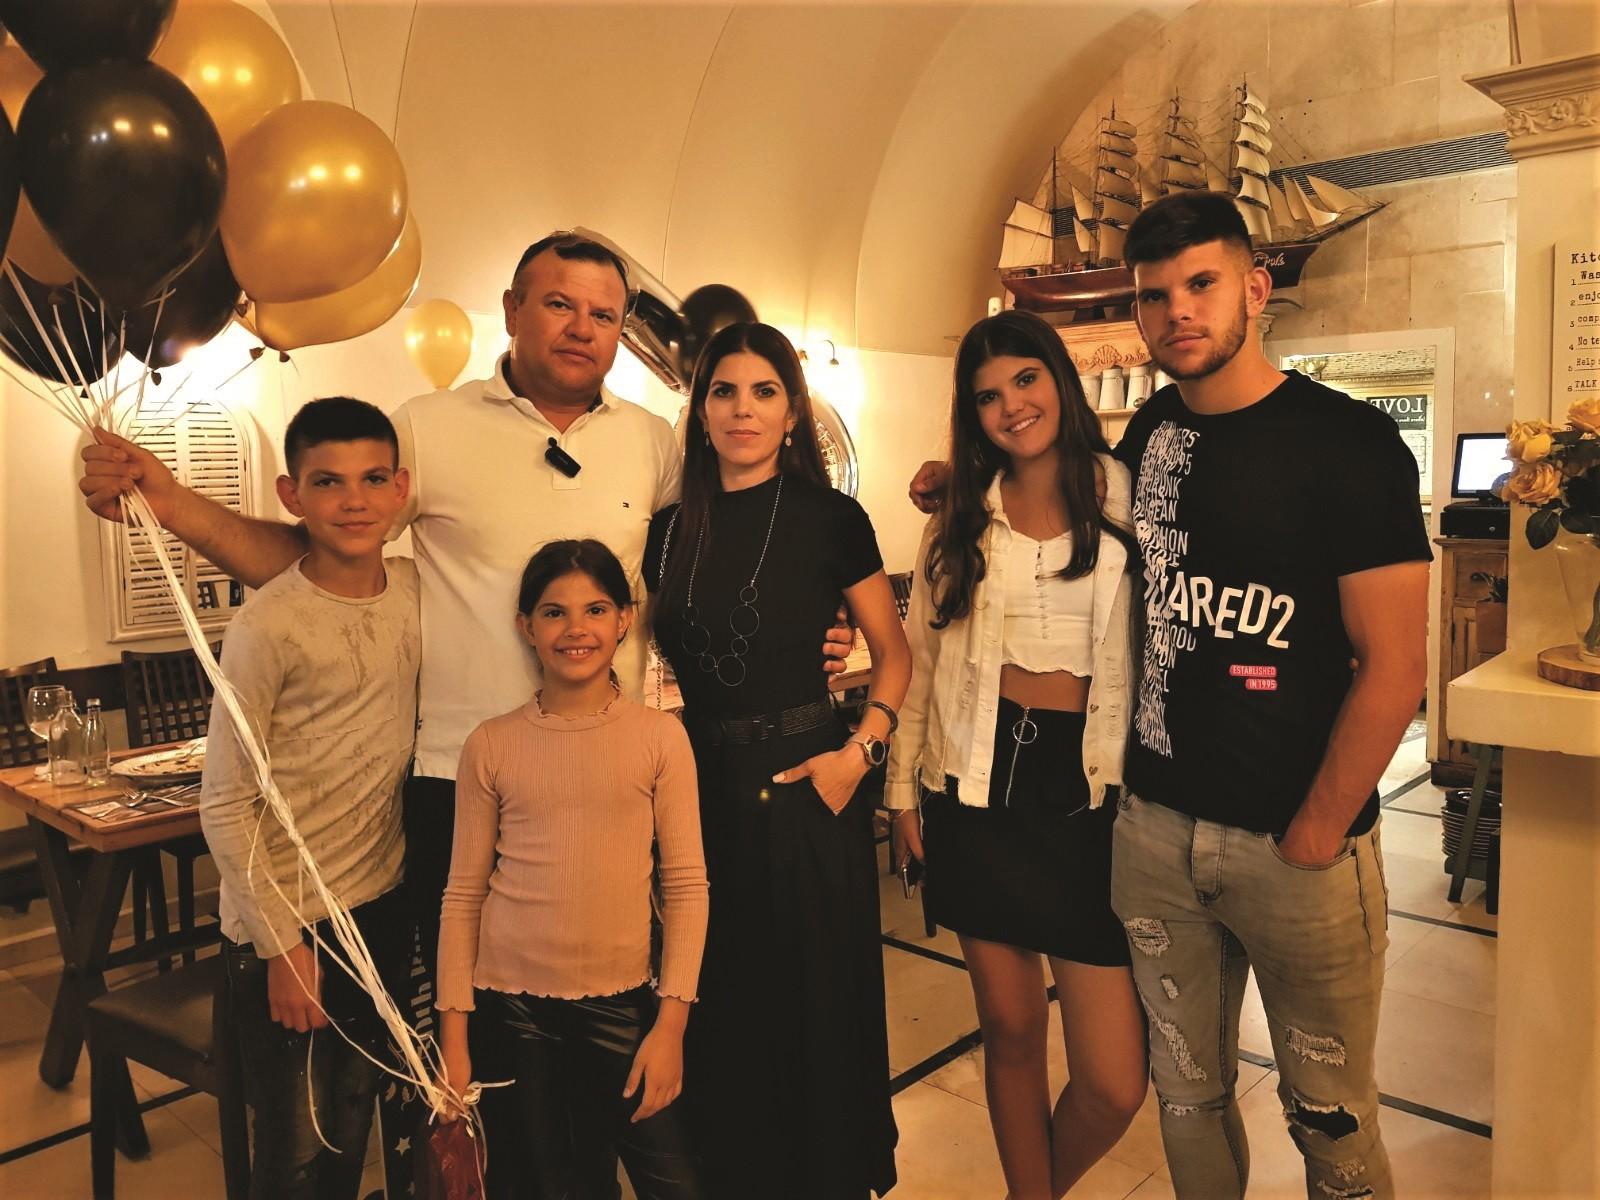 משפחת חנציס